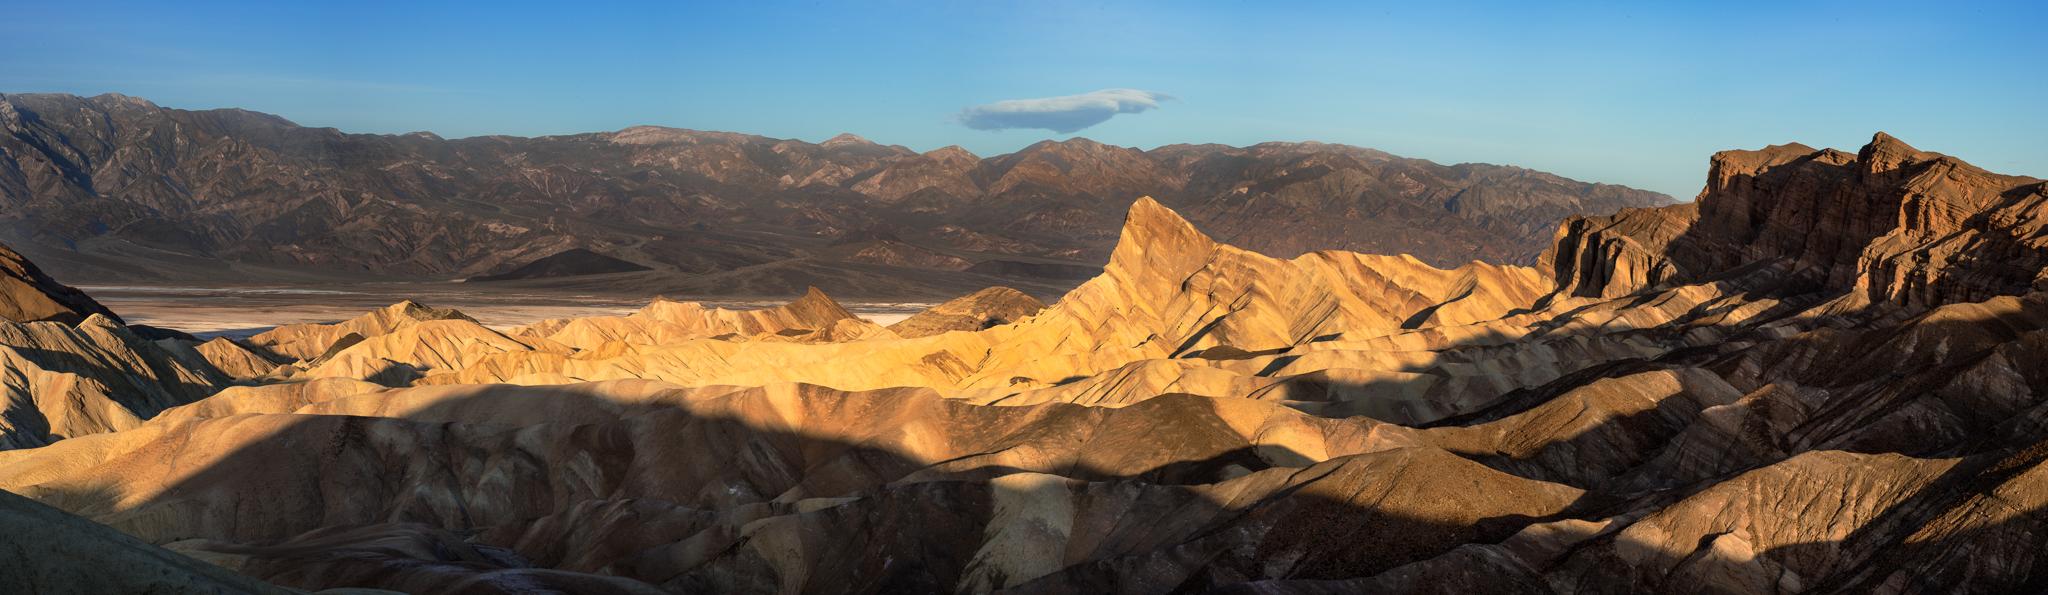 Death Valley 2013-00587-00592-00597-00602-00607-00612-00617.jpg